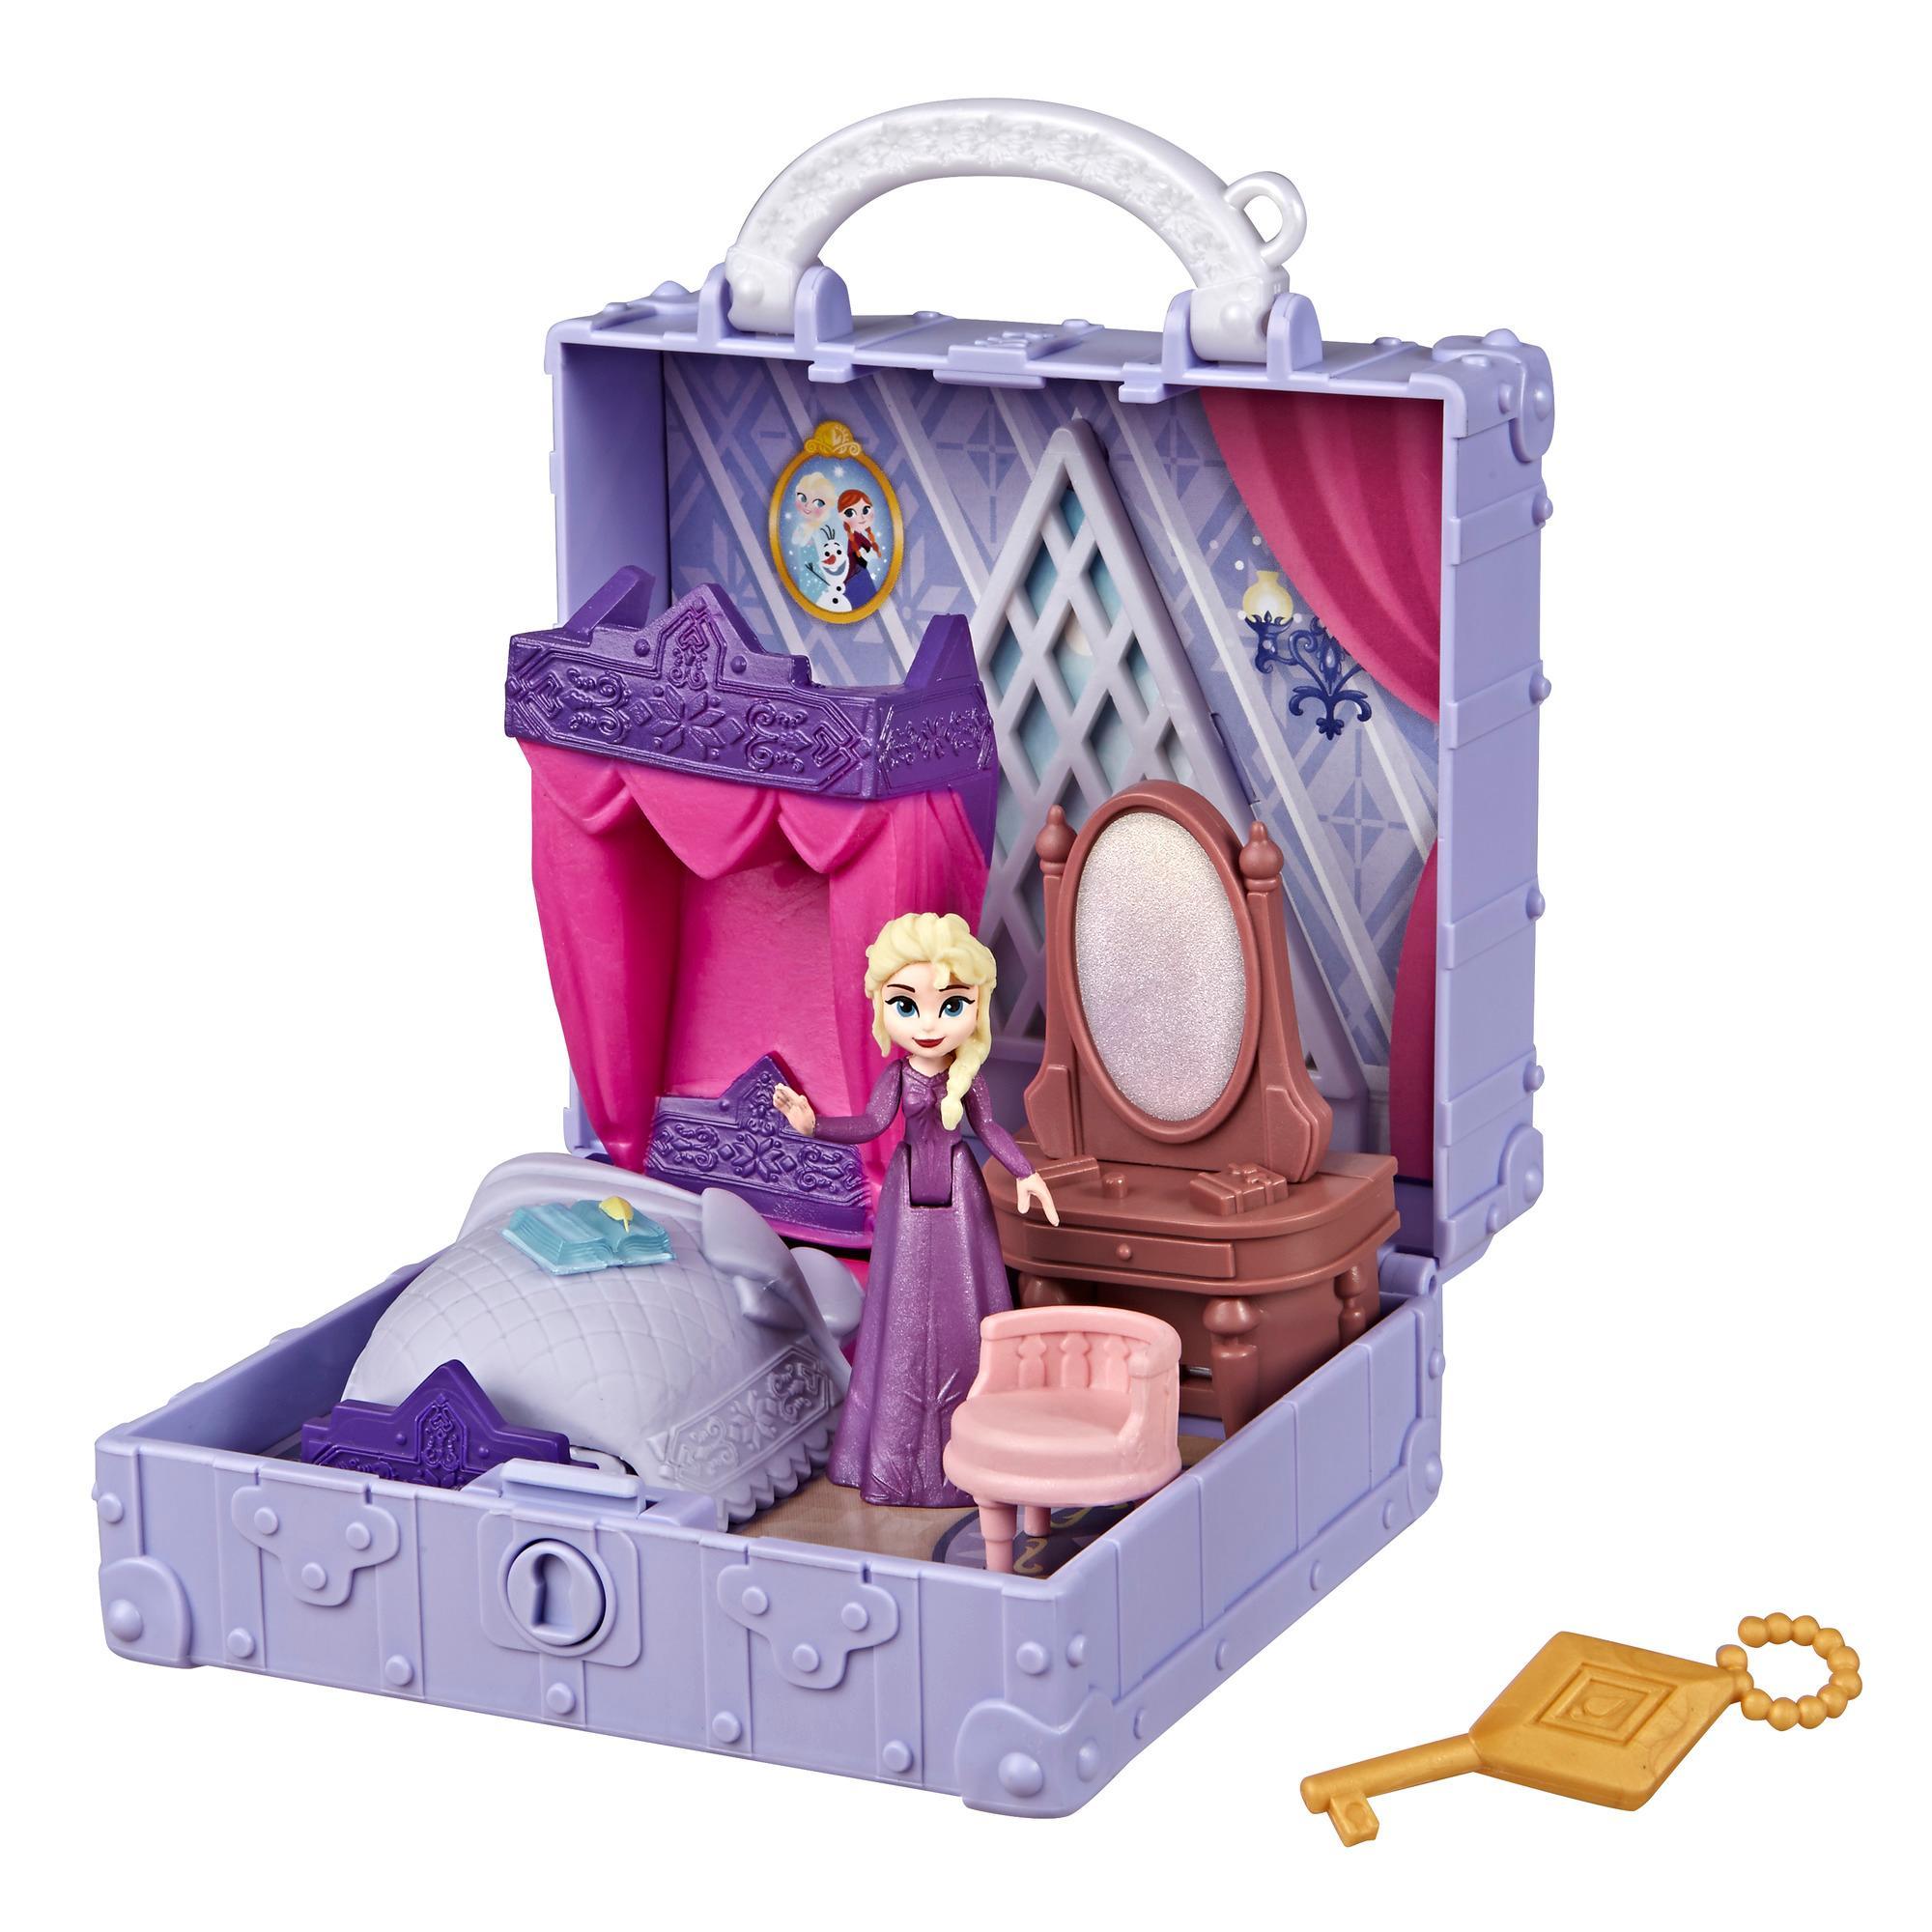 Disney Eiskönigin Pop-Up Abenteuer Elsas Zimmer Spielset mit Griff, inklusive Elsa Puppe, Tagebuch, Stuhl und Decke